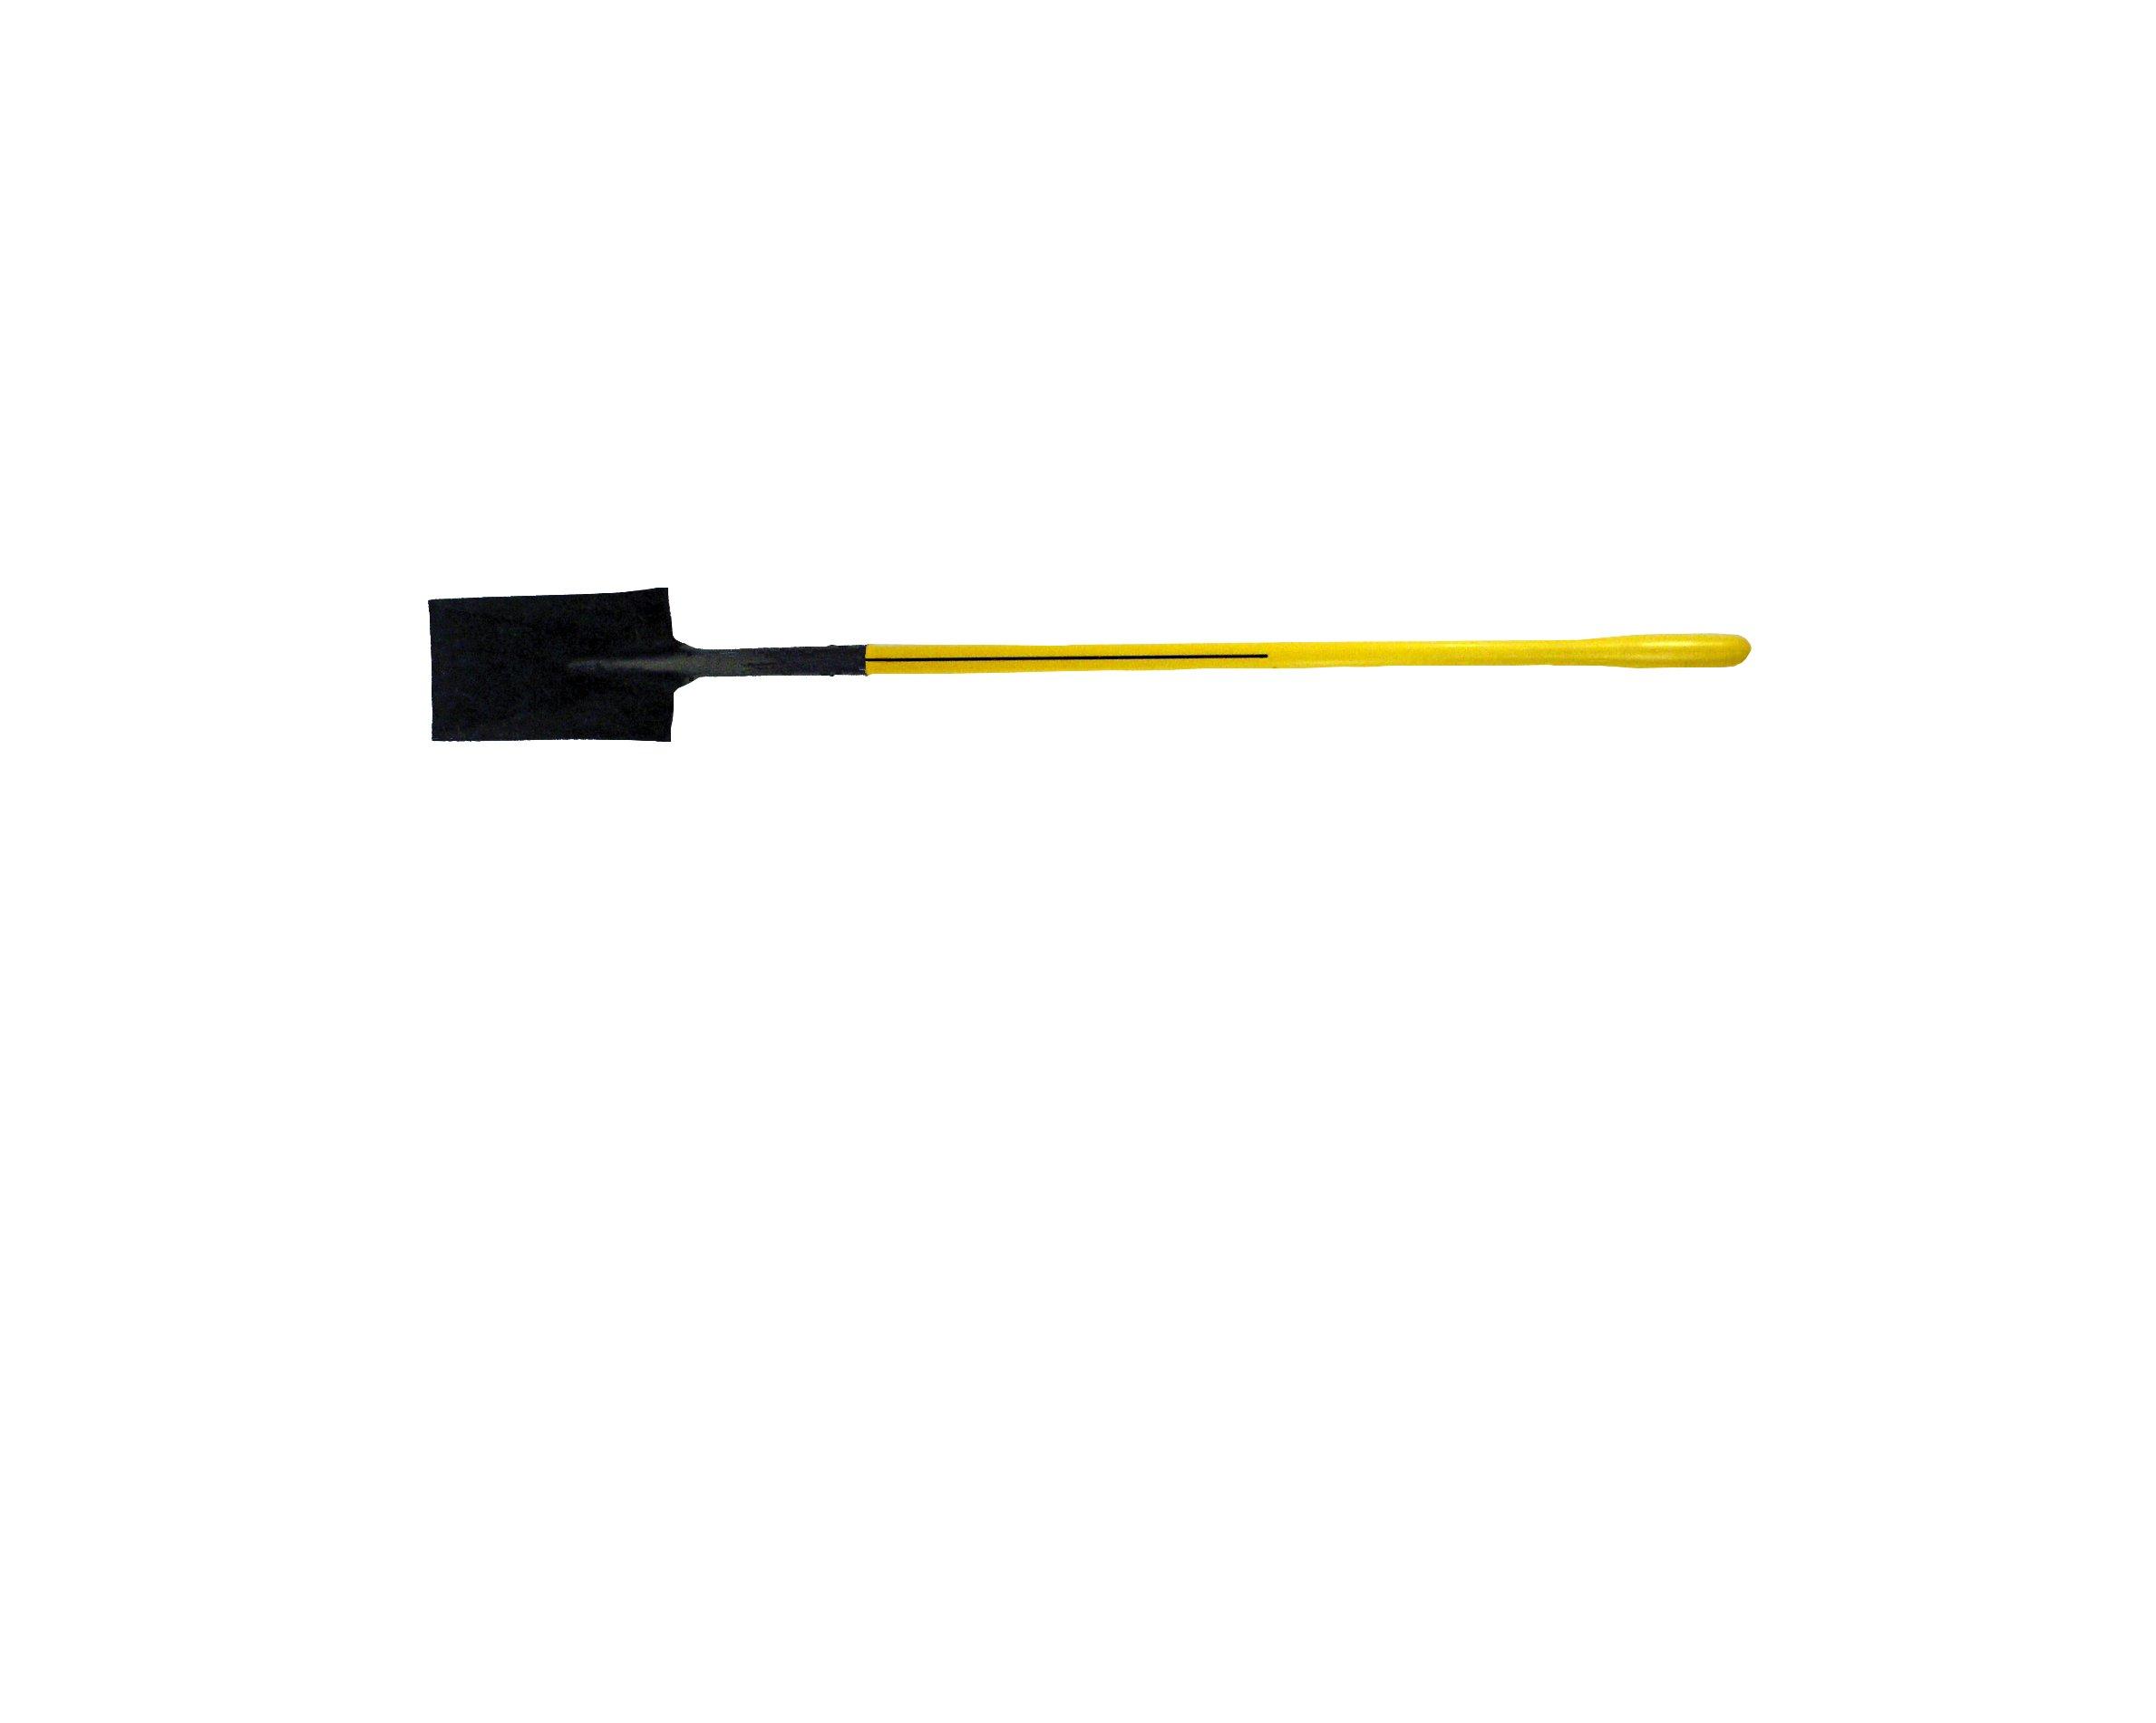 Nupla GS2L-E Ergo Power Garden Spade, Hollow Back Blade, Ergo Grip, 14 Gauge, 48'' Long Handle